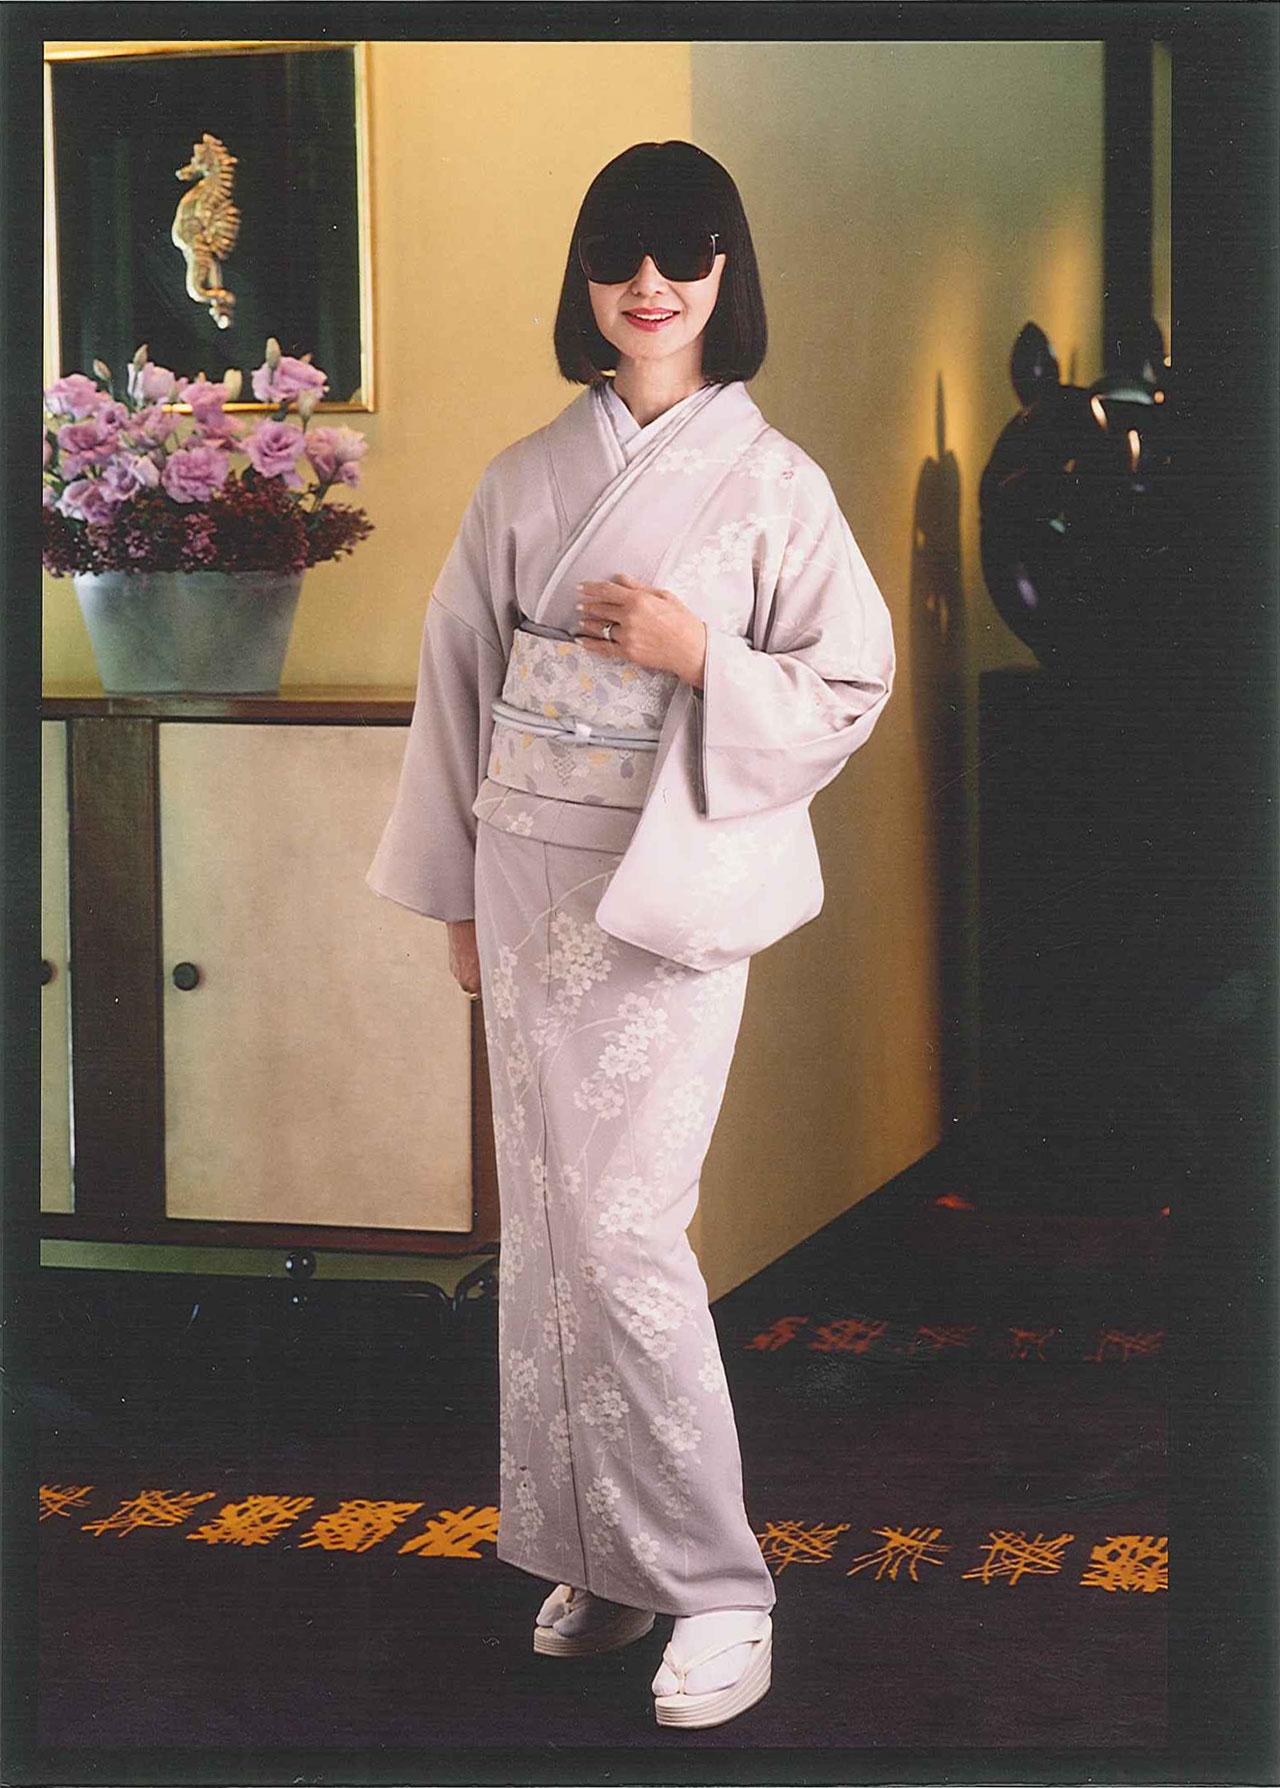 着物運動から 大内順子氏自身のブランドの着物で